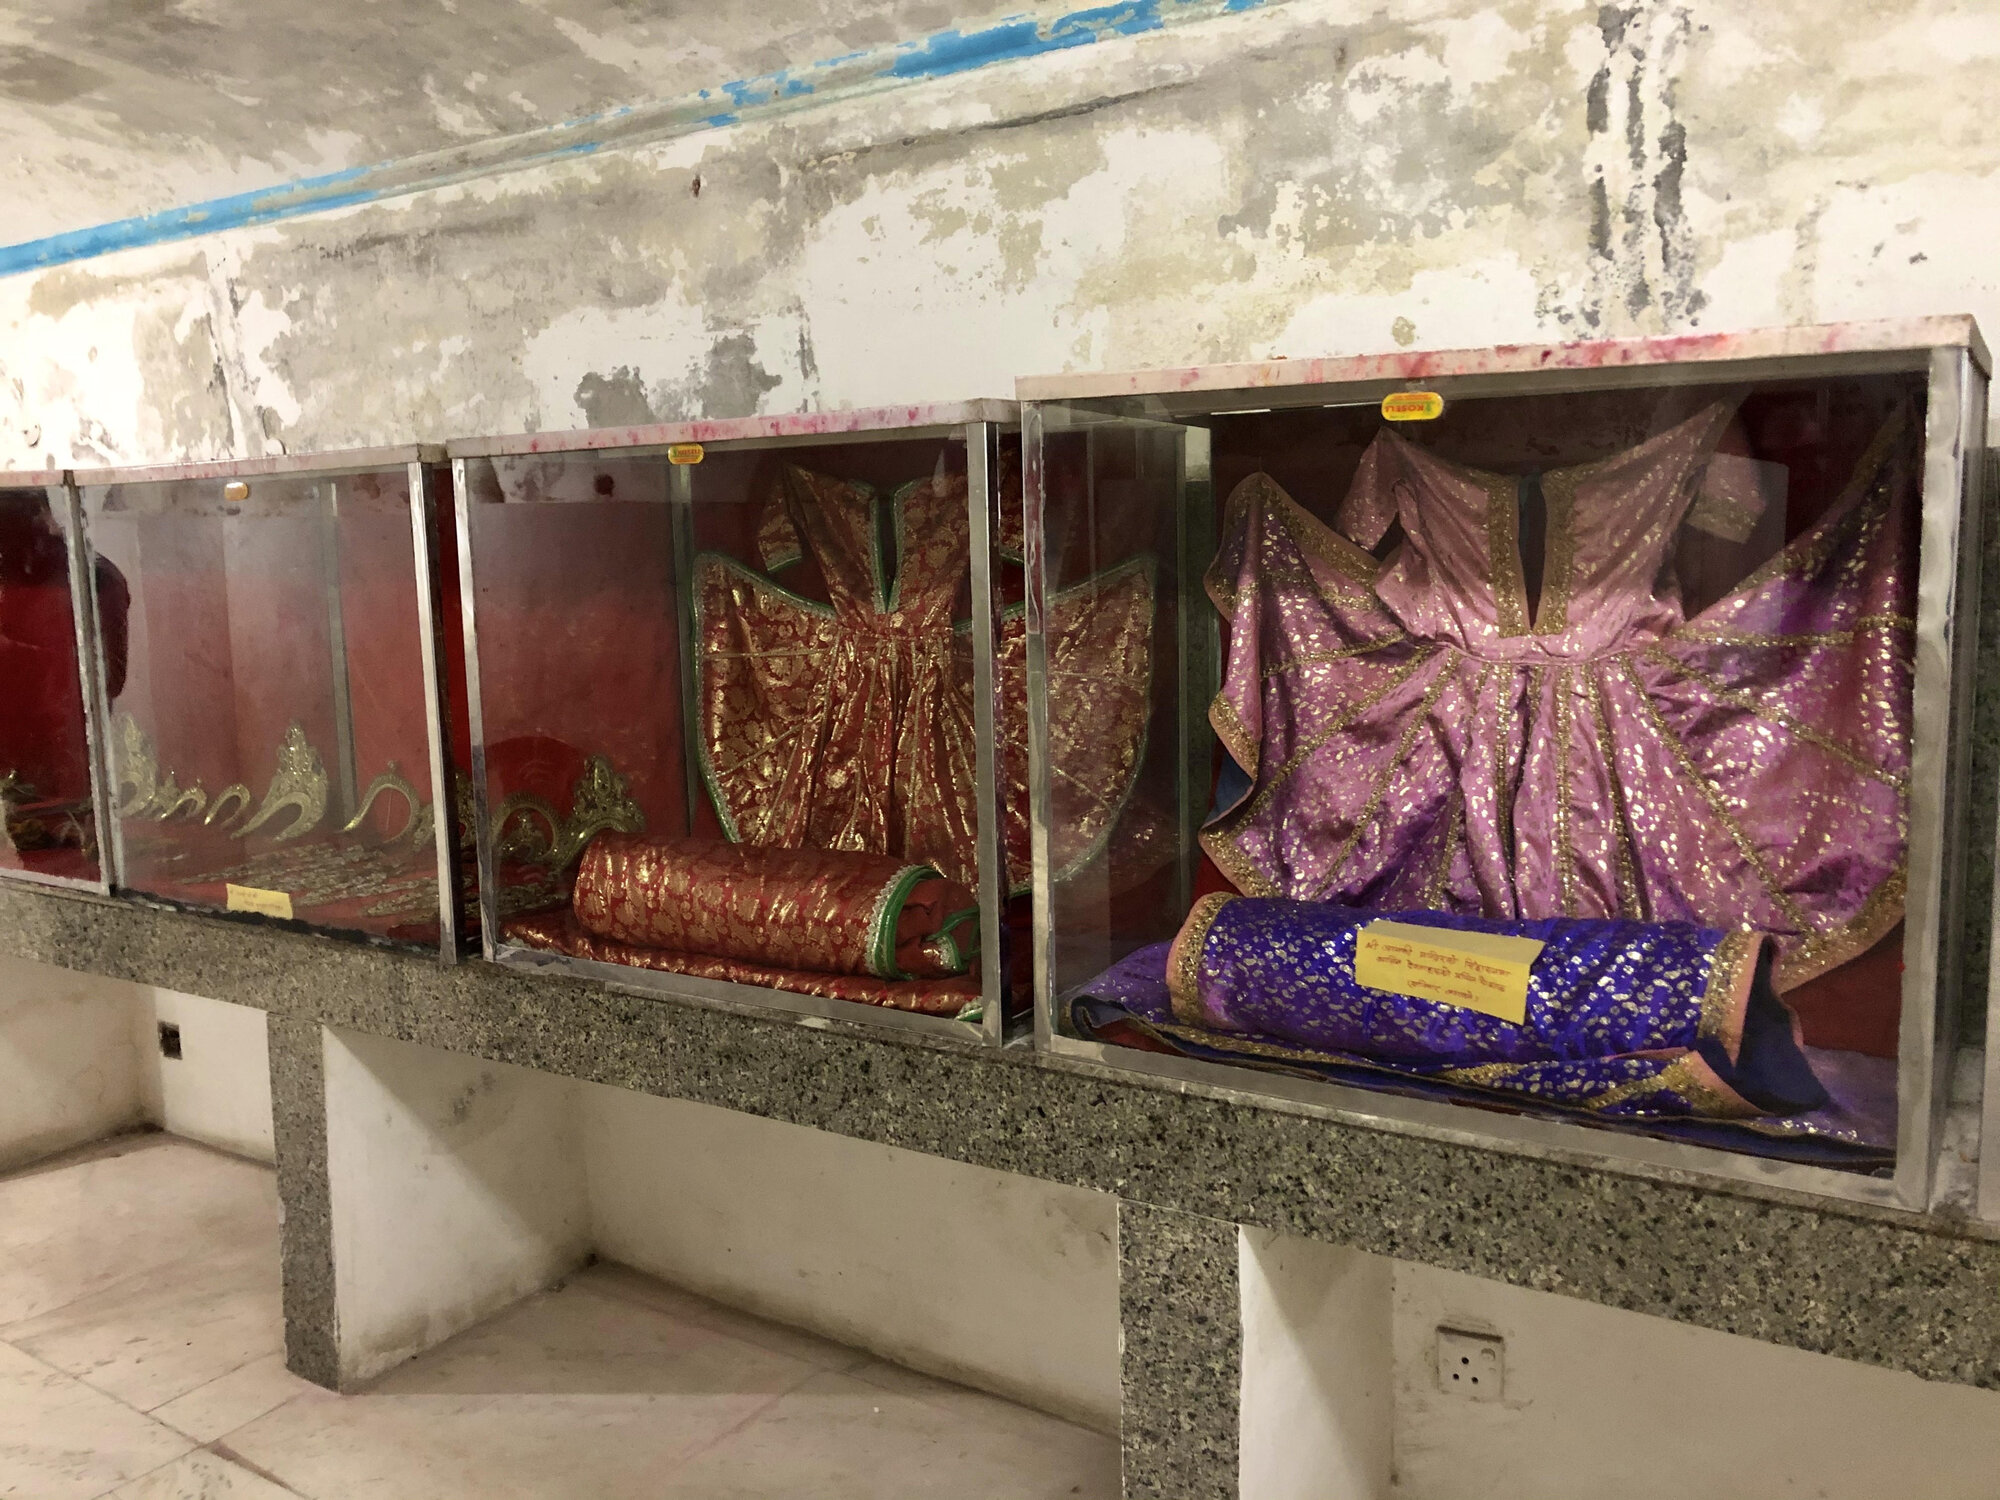 частью храма является также музей